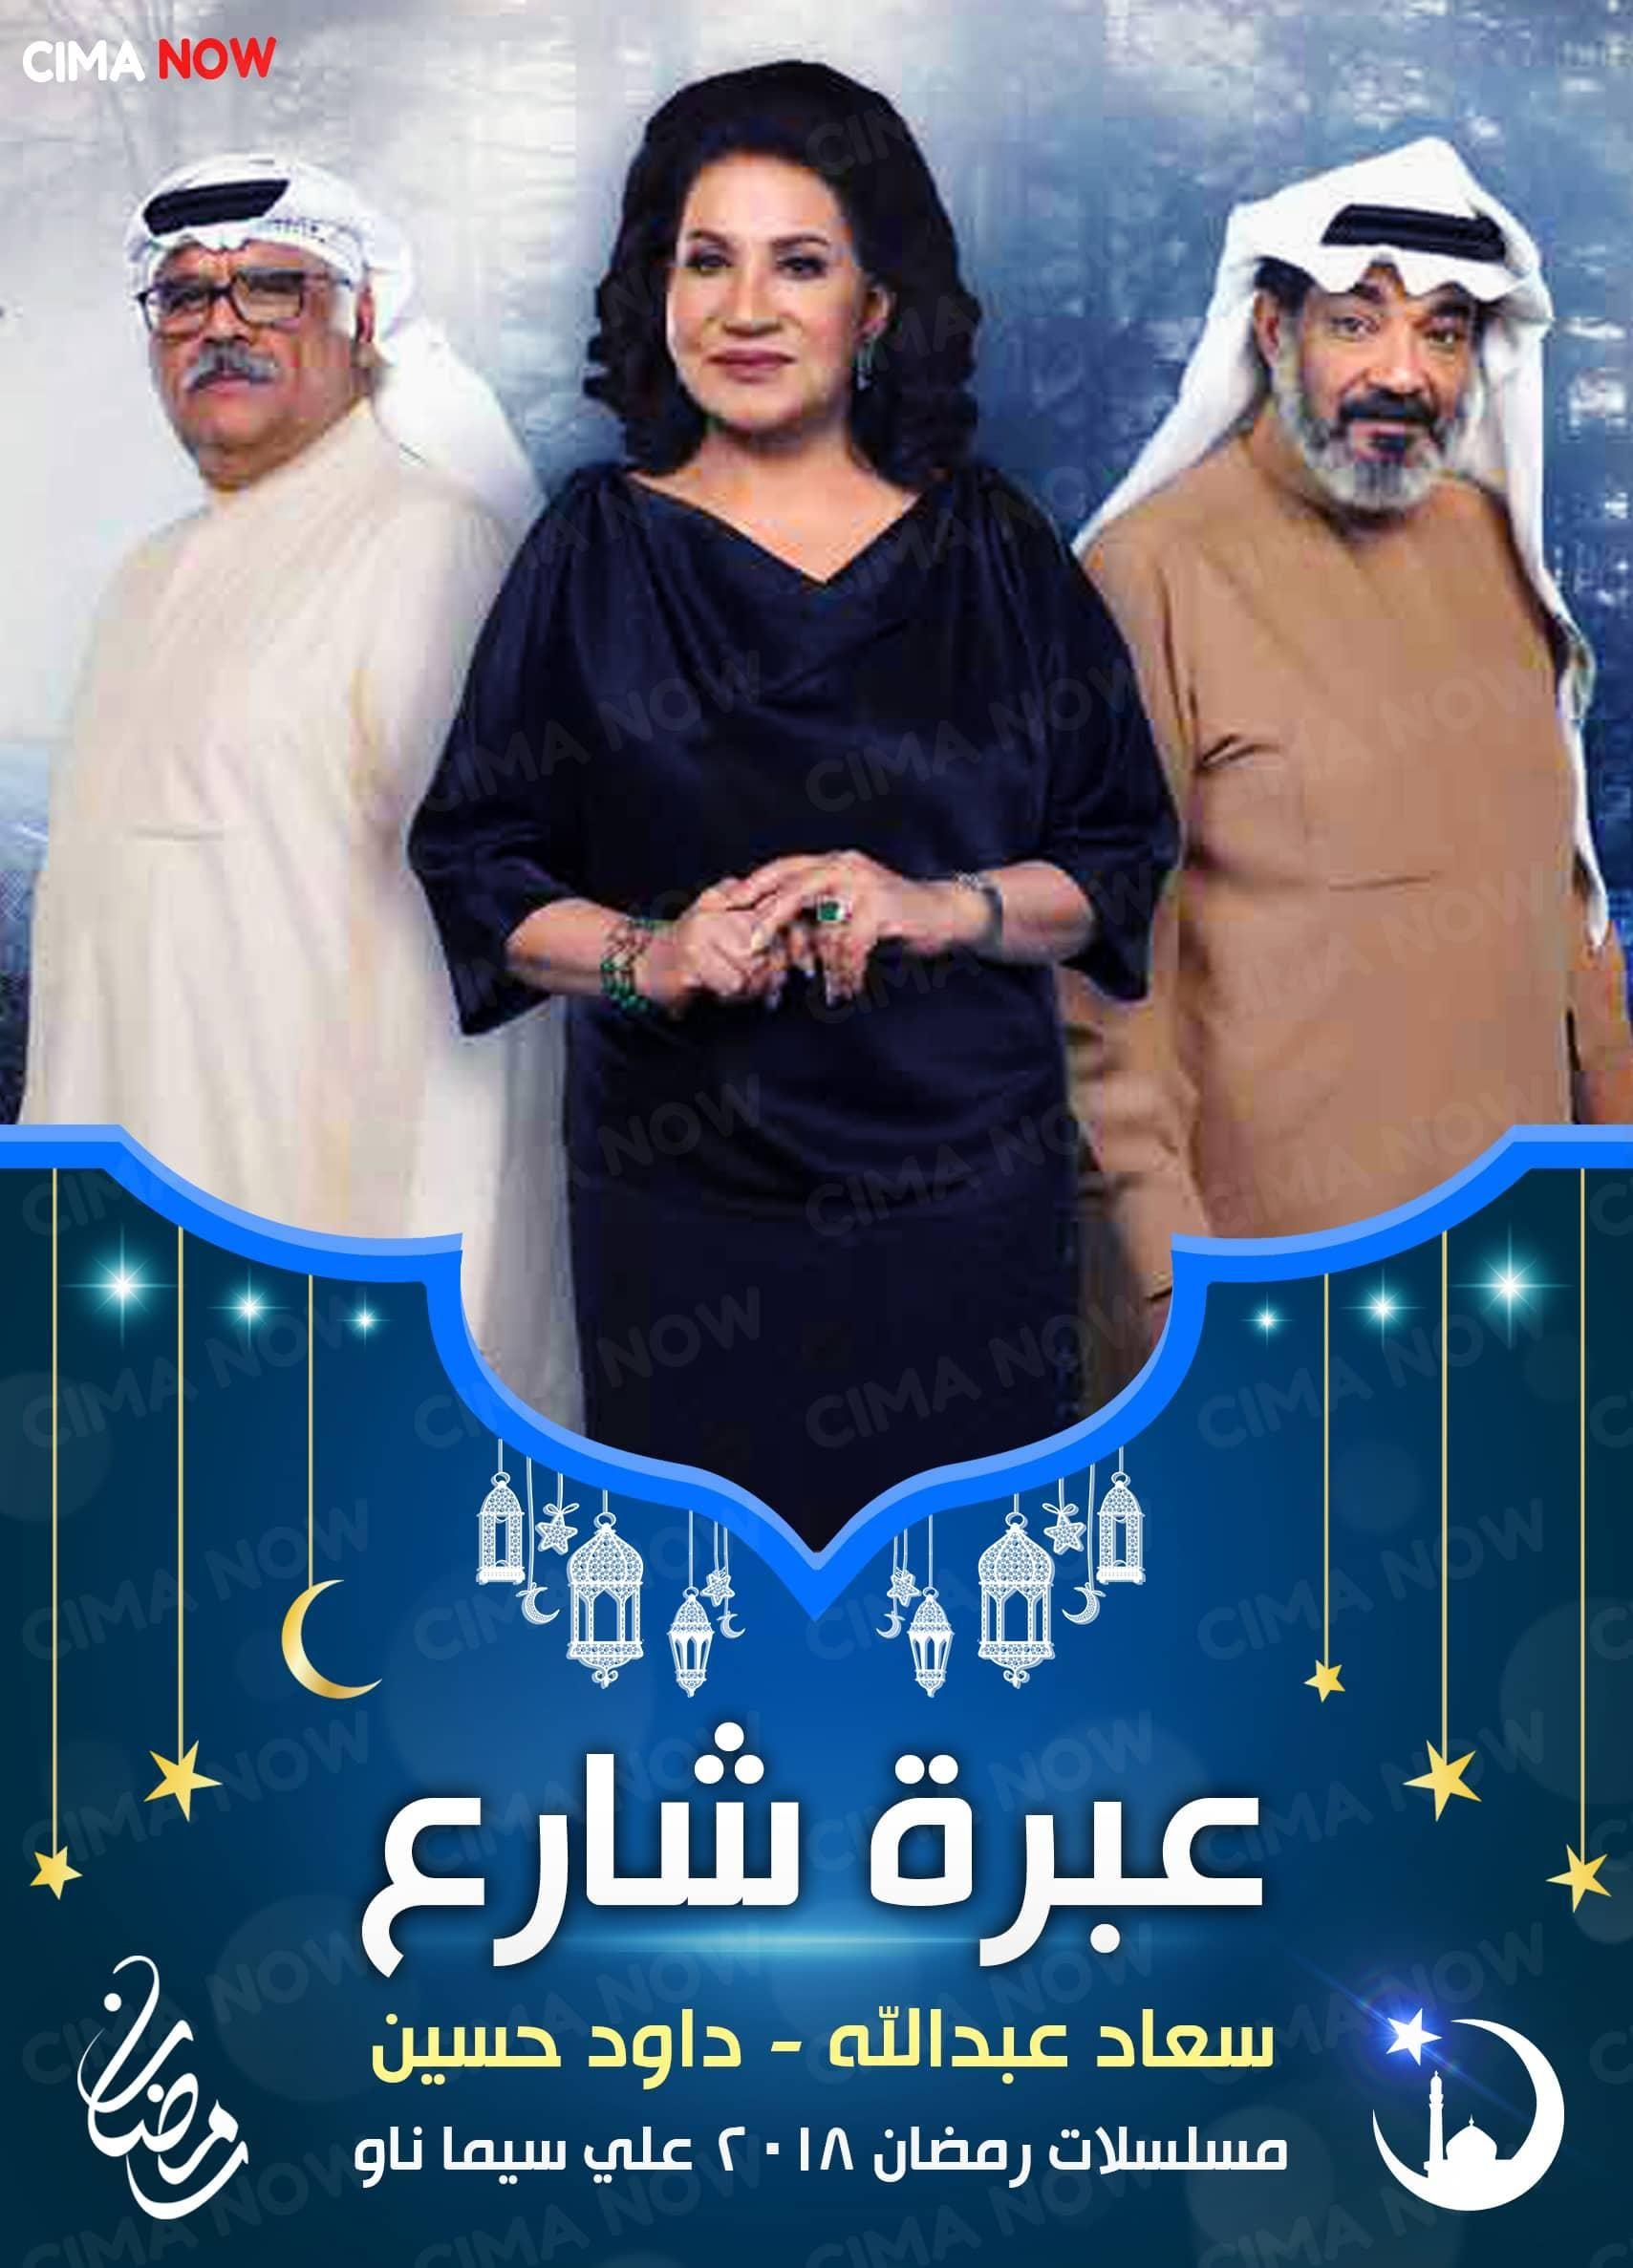 المسلسل الخليجي عبرة شارع الحلقة الأولى 1 كاملة أون لاين Movie Posters Movies Poster